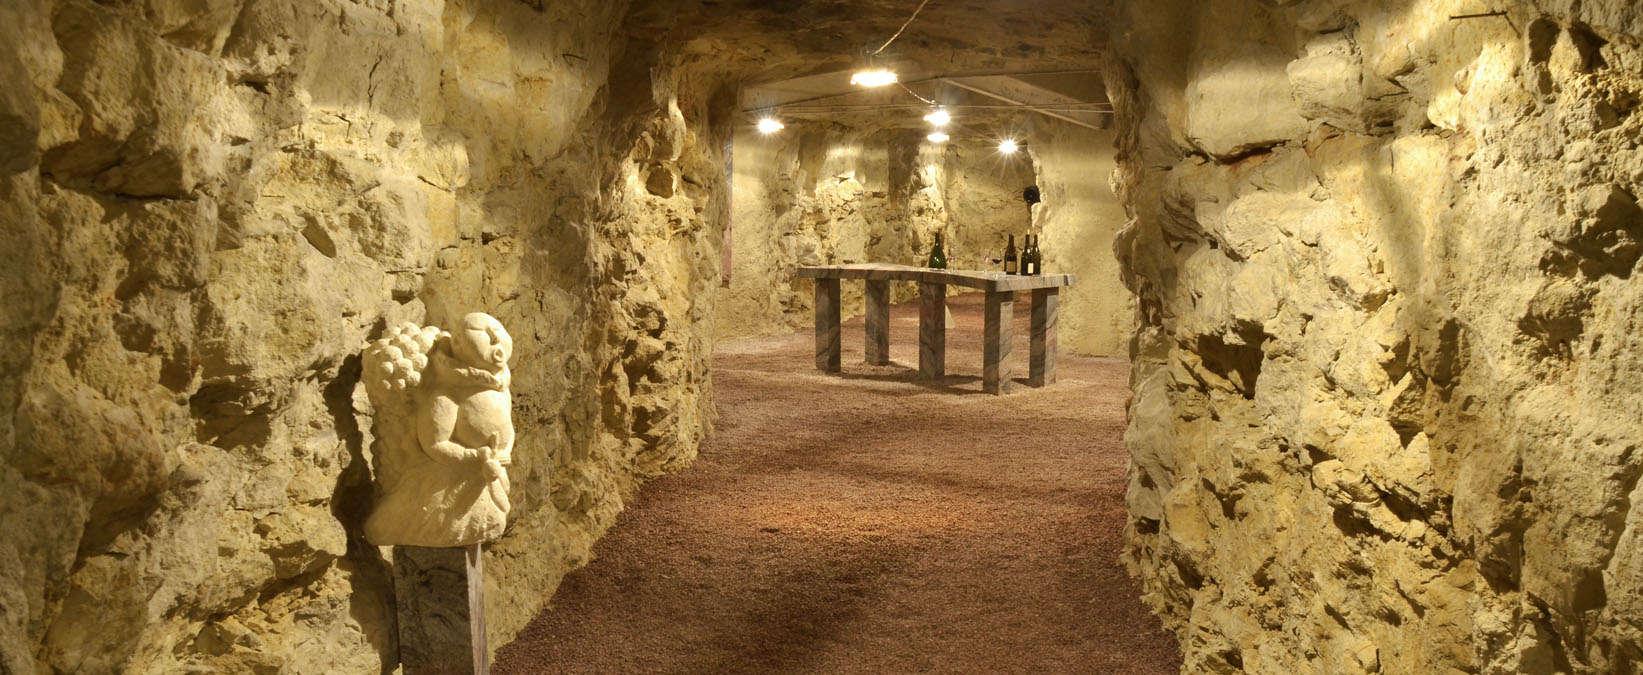 Винная дегустация и посещение винных погребов долины реки Луара